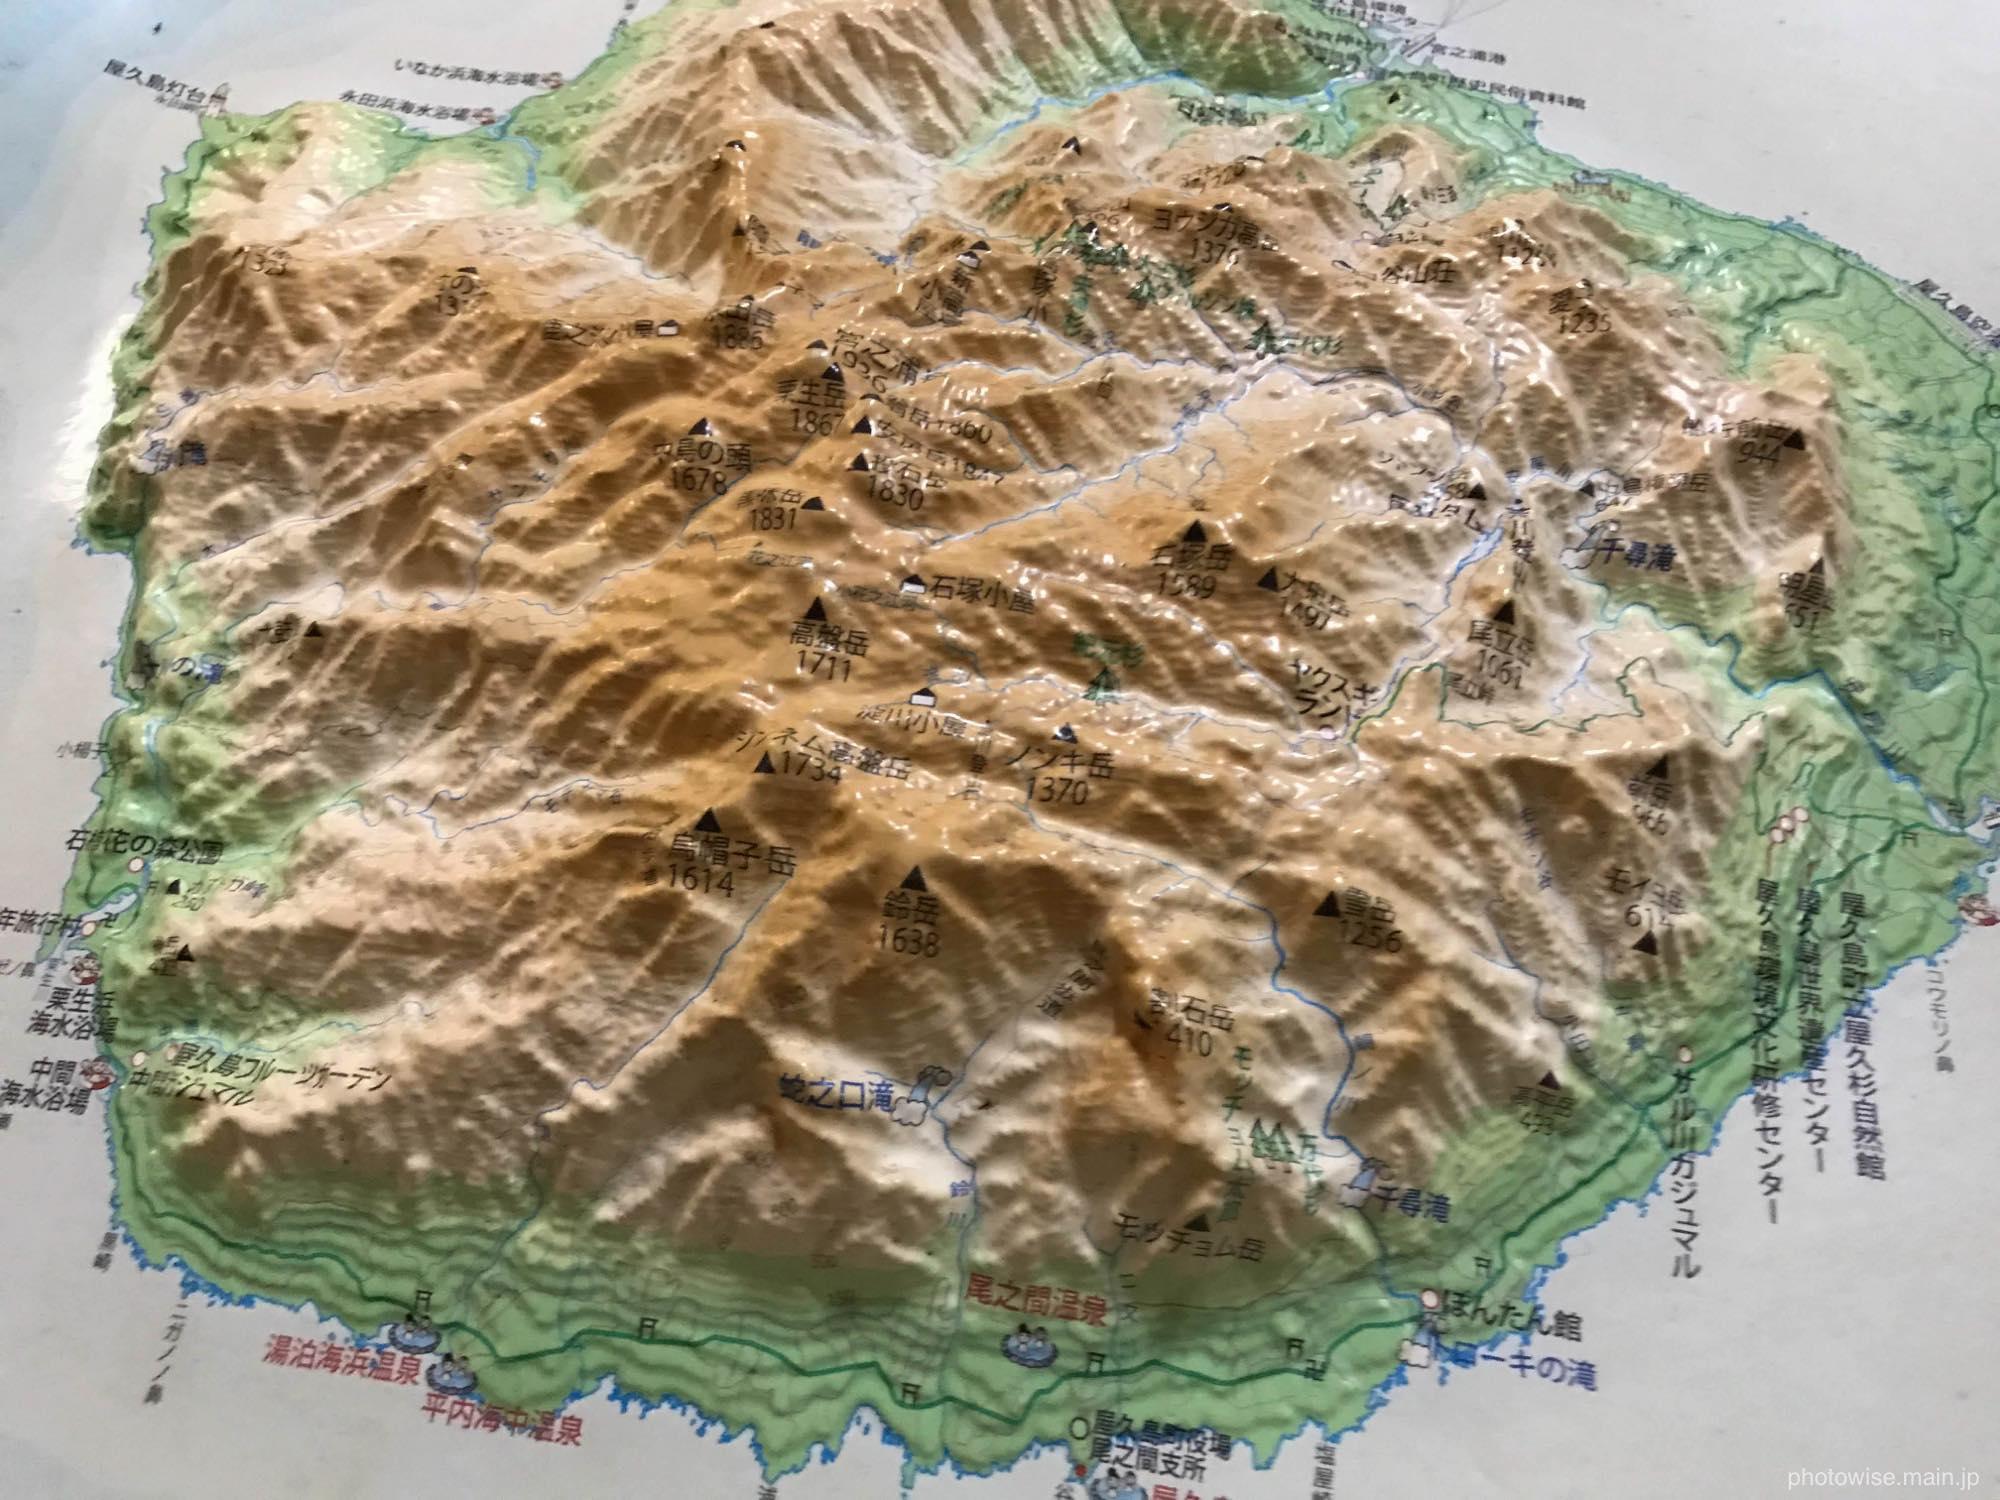 屋久島の模型